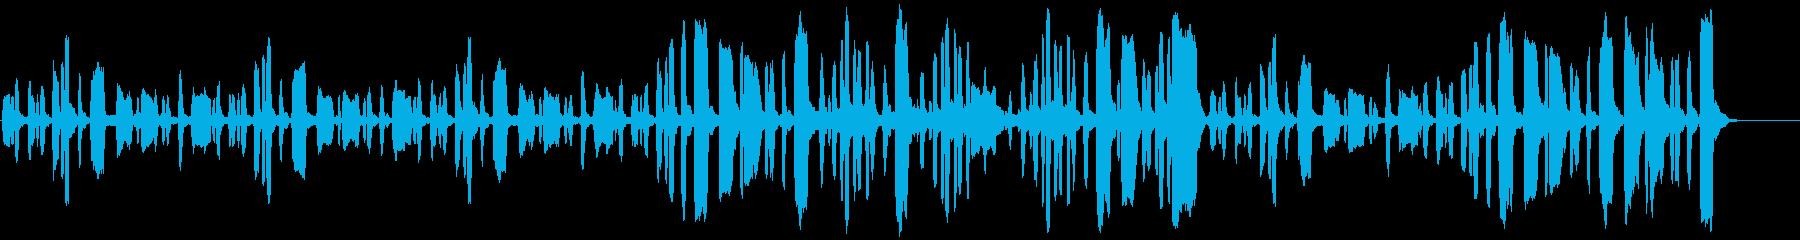 リコーダーののほほんとした曲の再生済みの波形